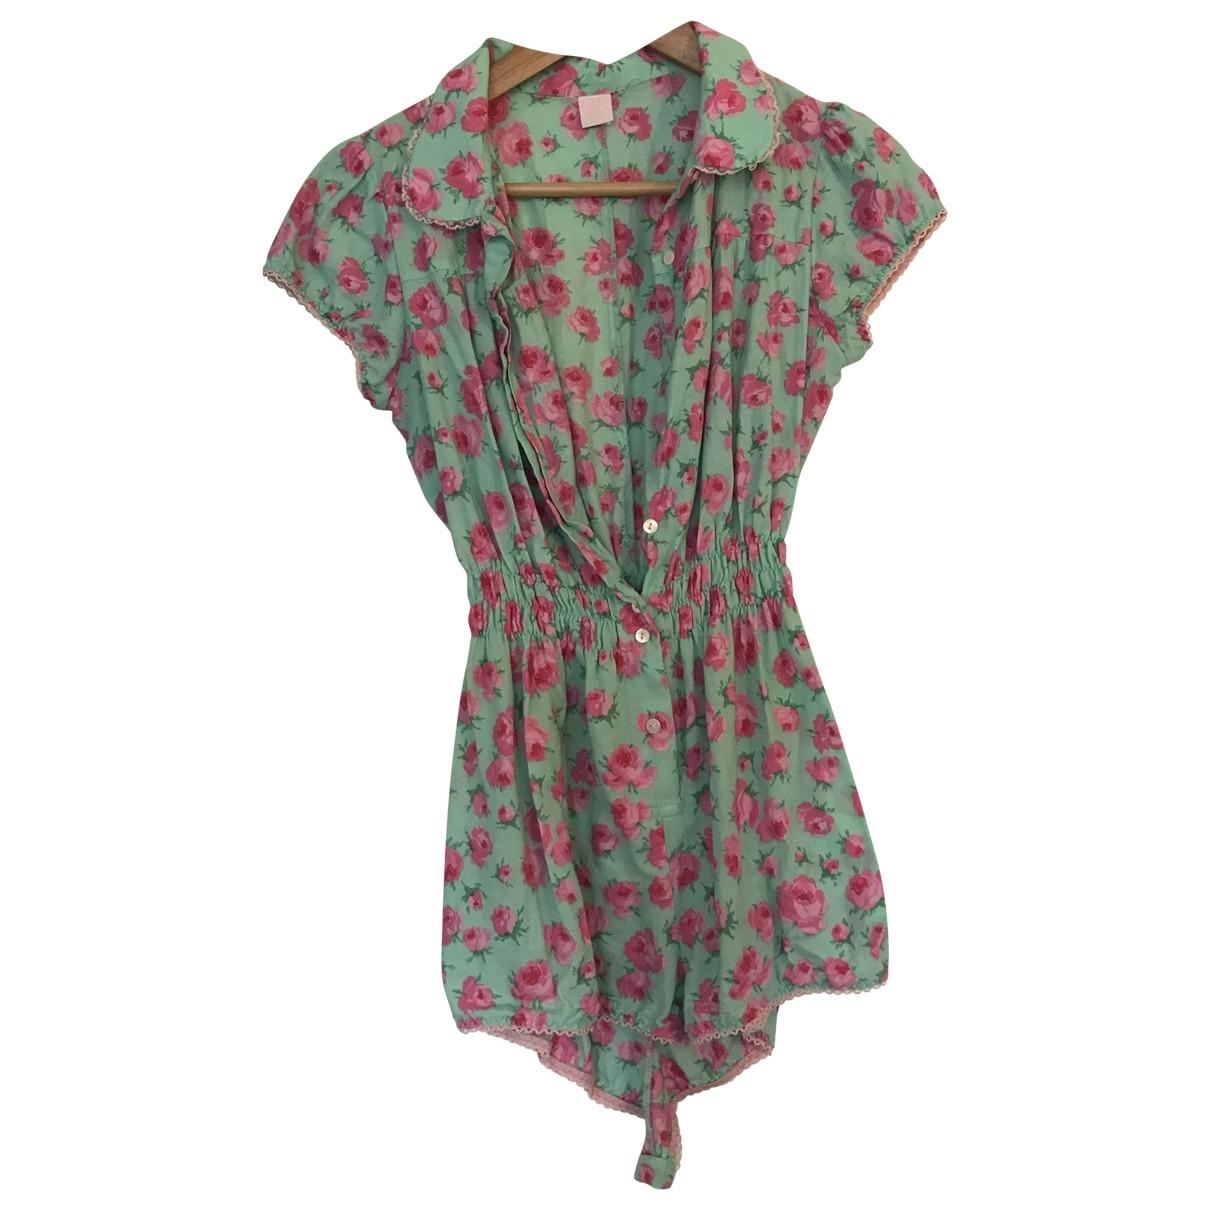 Fifi Chachnil - Combinaison   pour femme en coton - turquoise